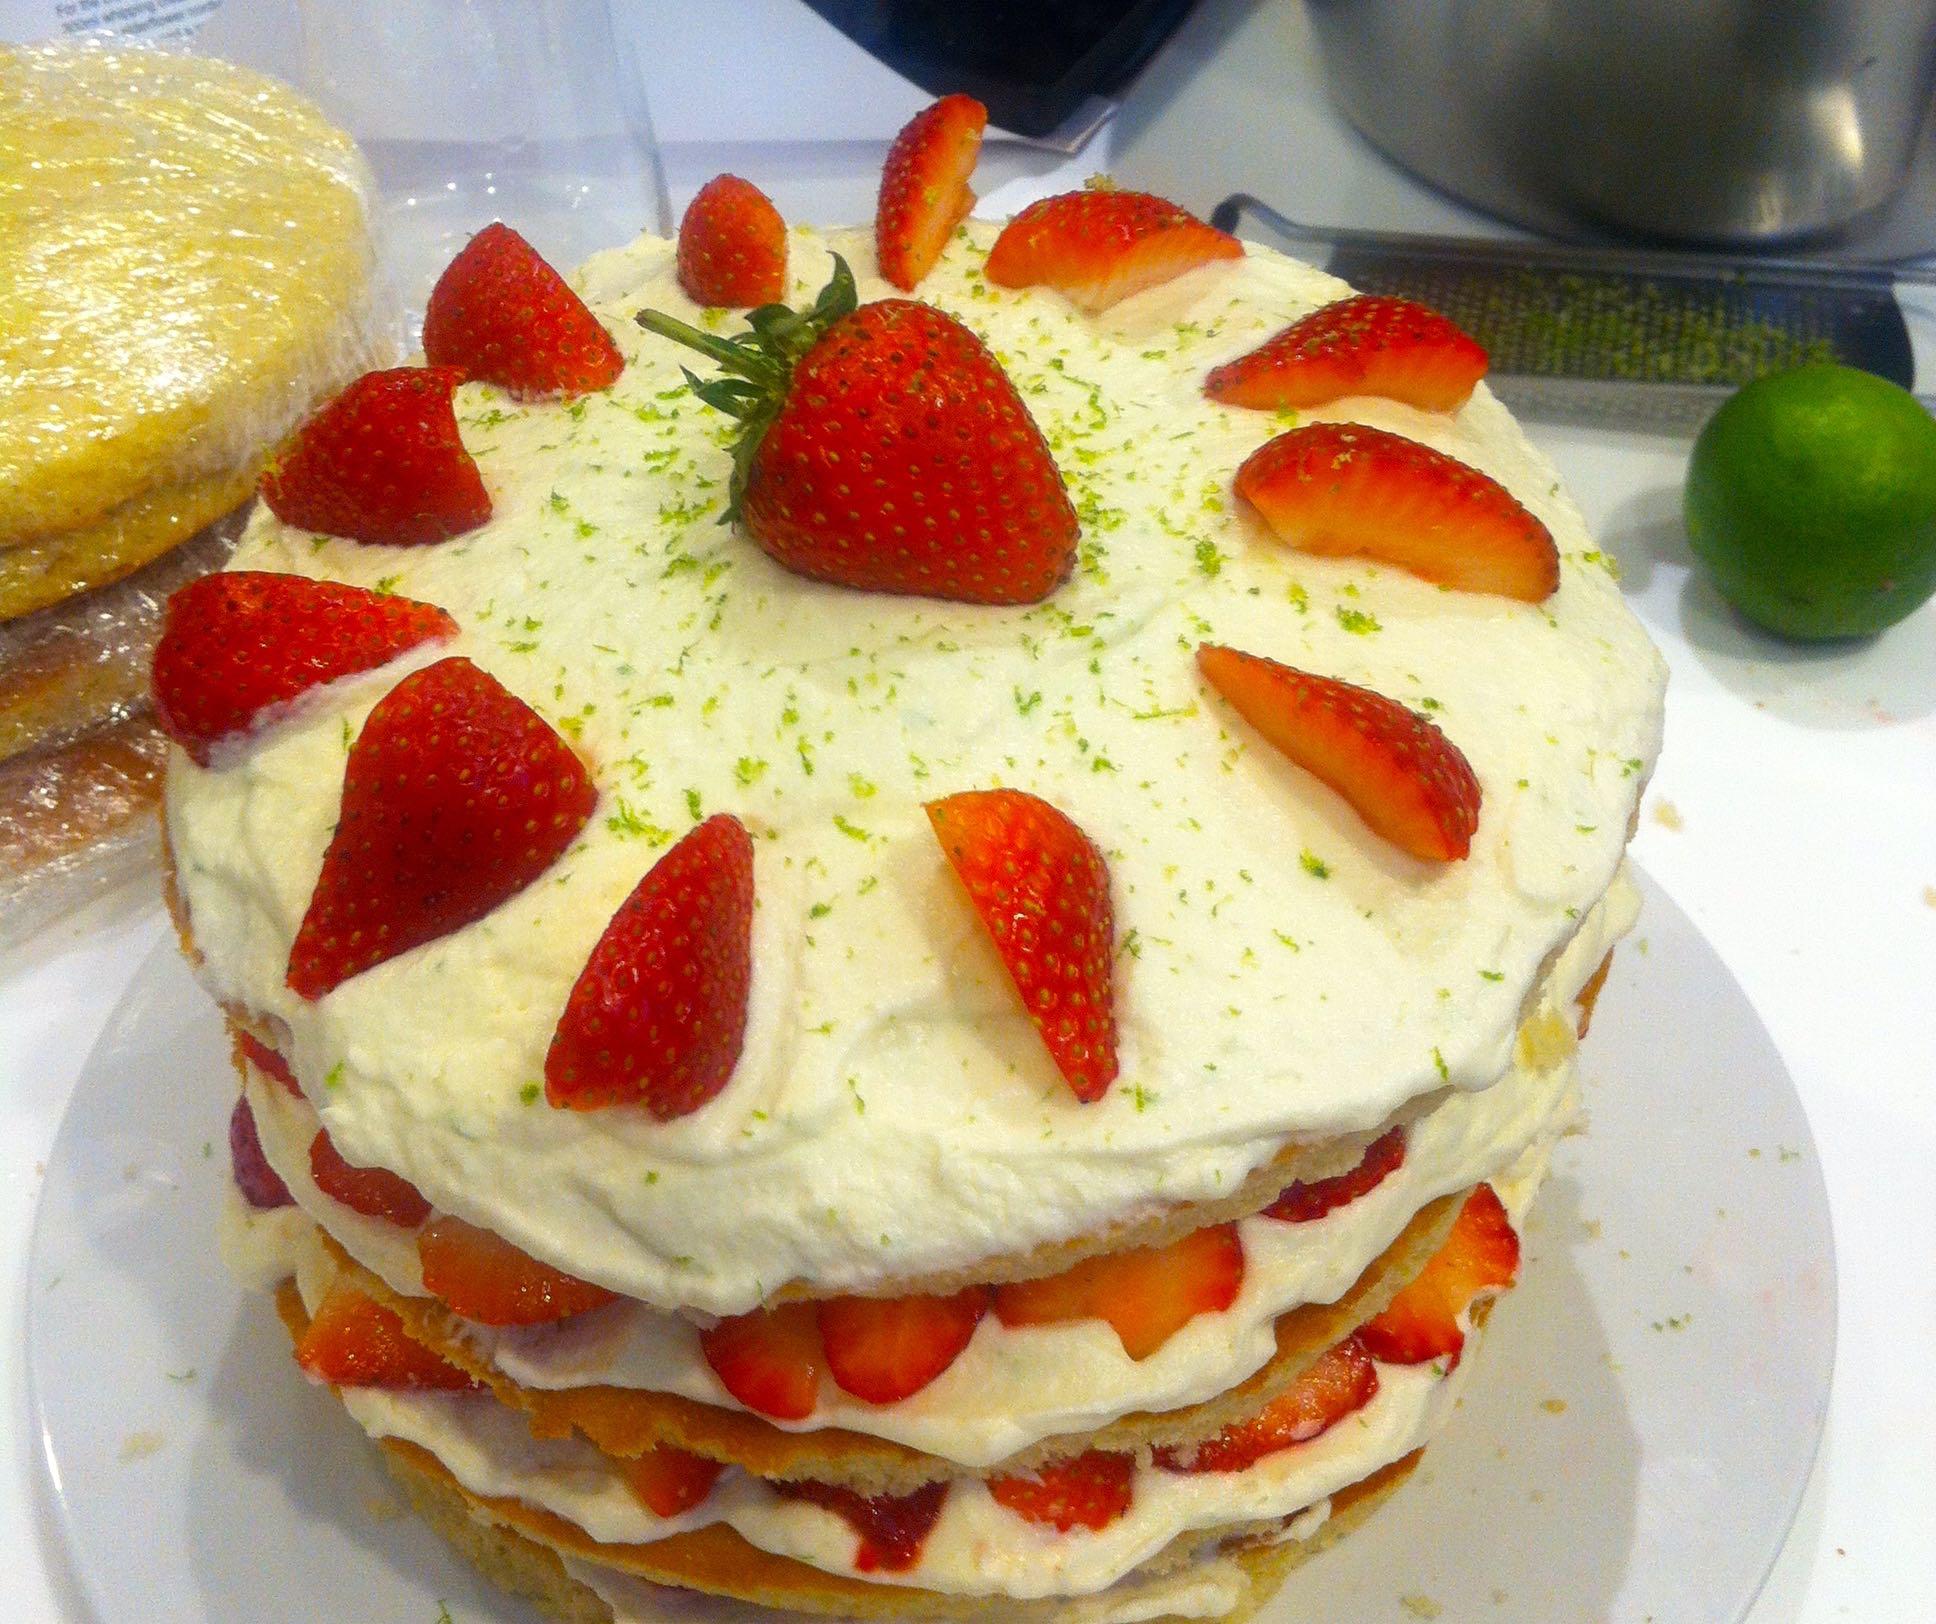 STRAWBERRY AND ELDERFLOWER CREAM LAYER CAKE